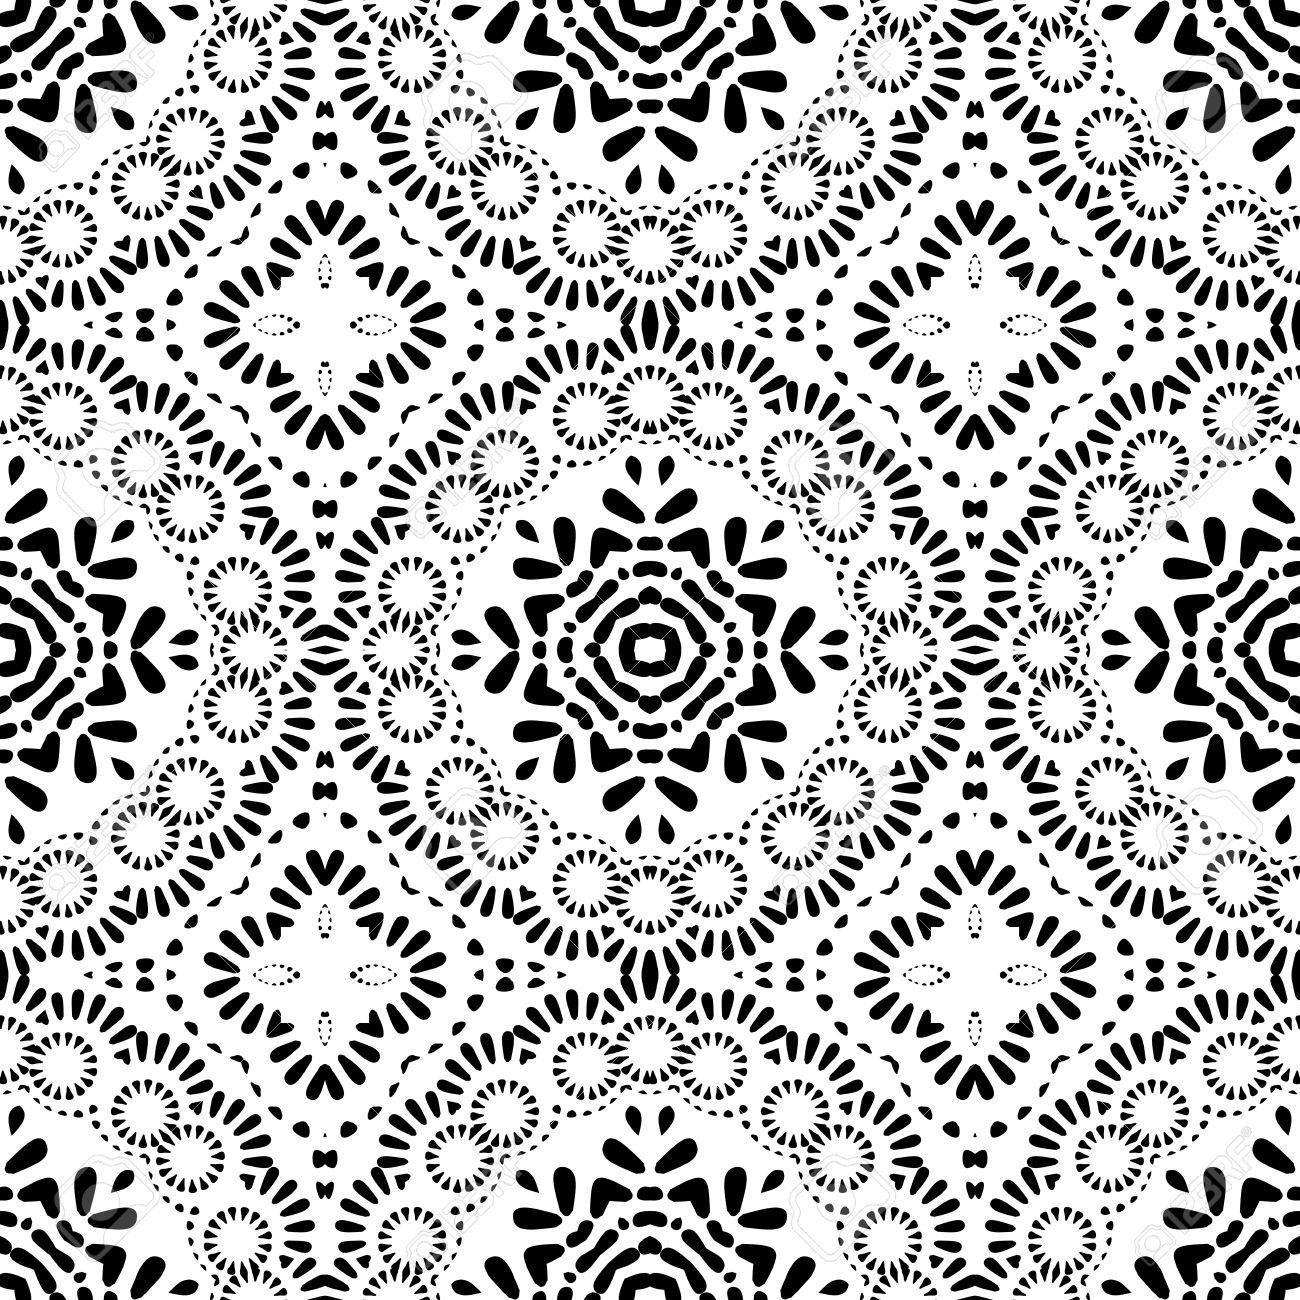 Modern Design Texture, Seamless Pattern, EPS8